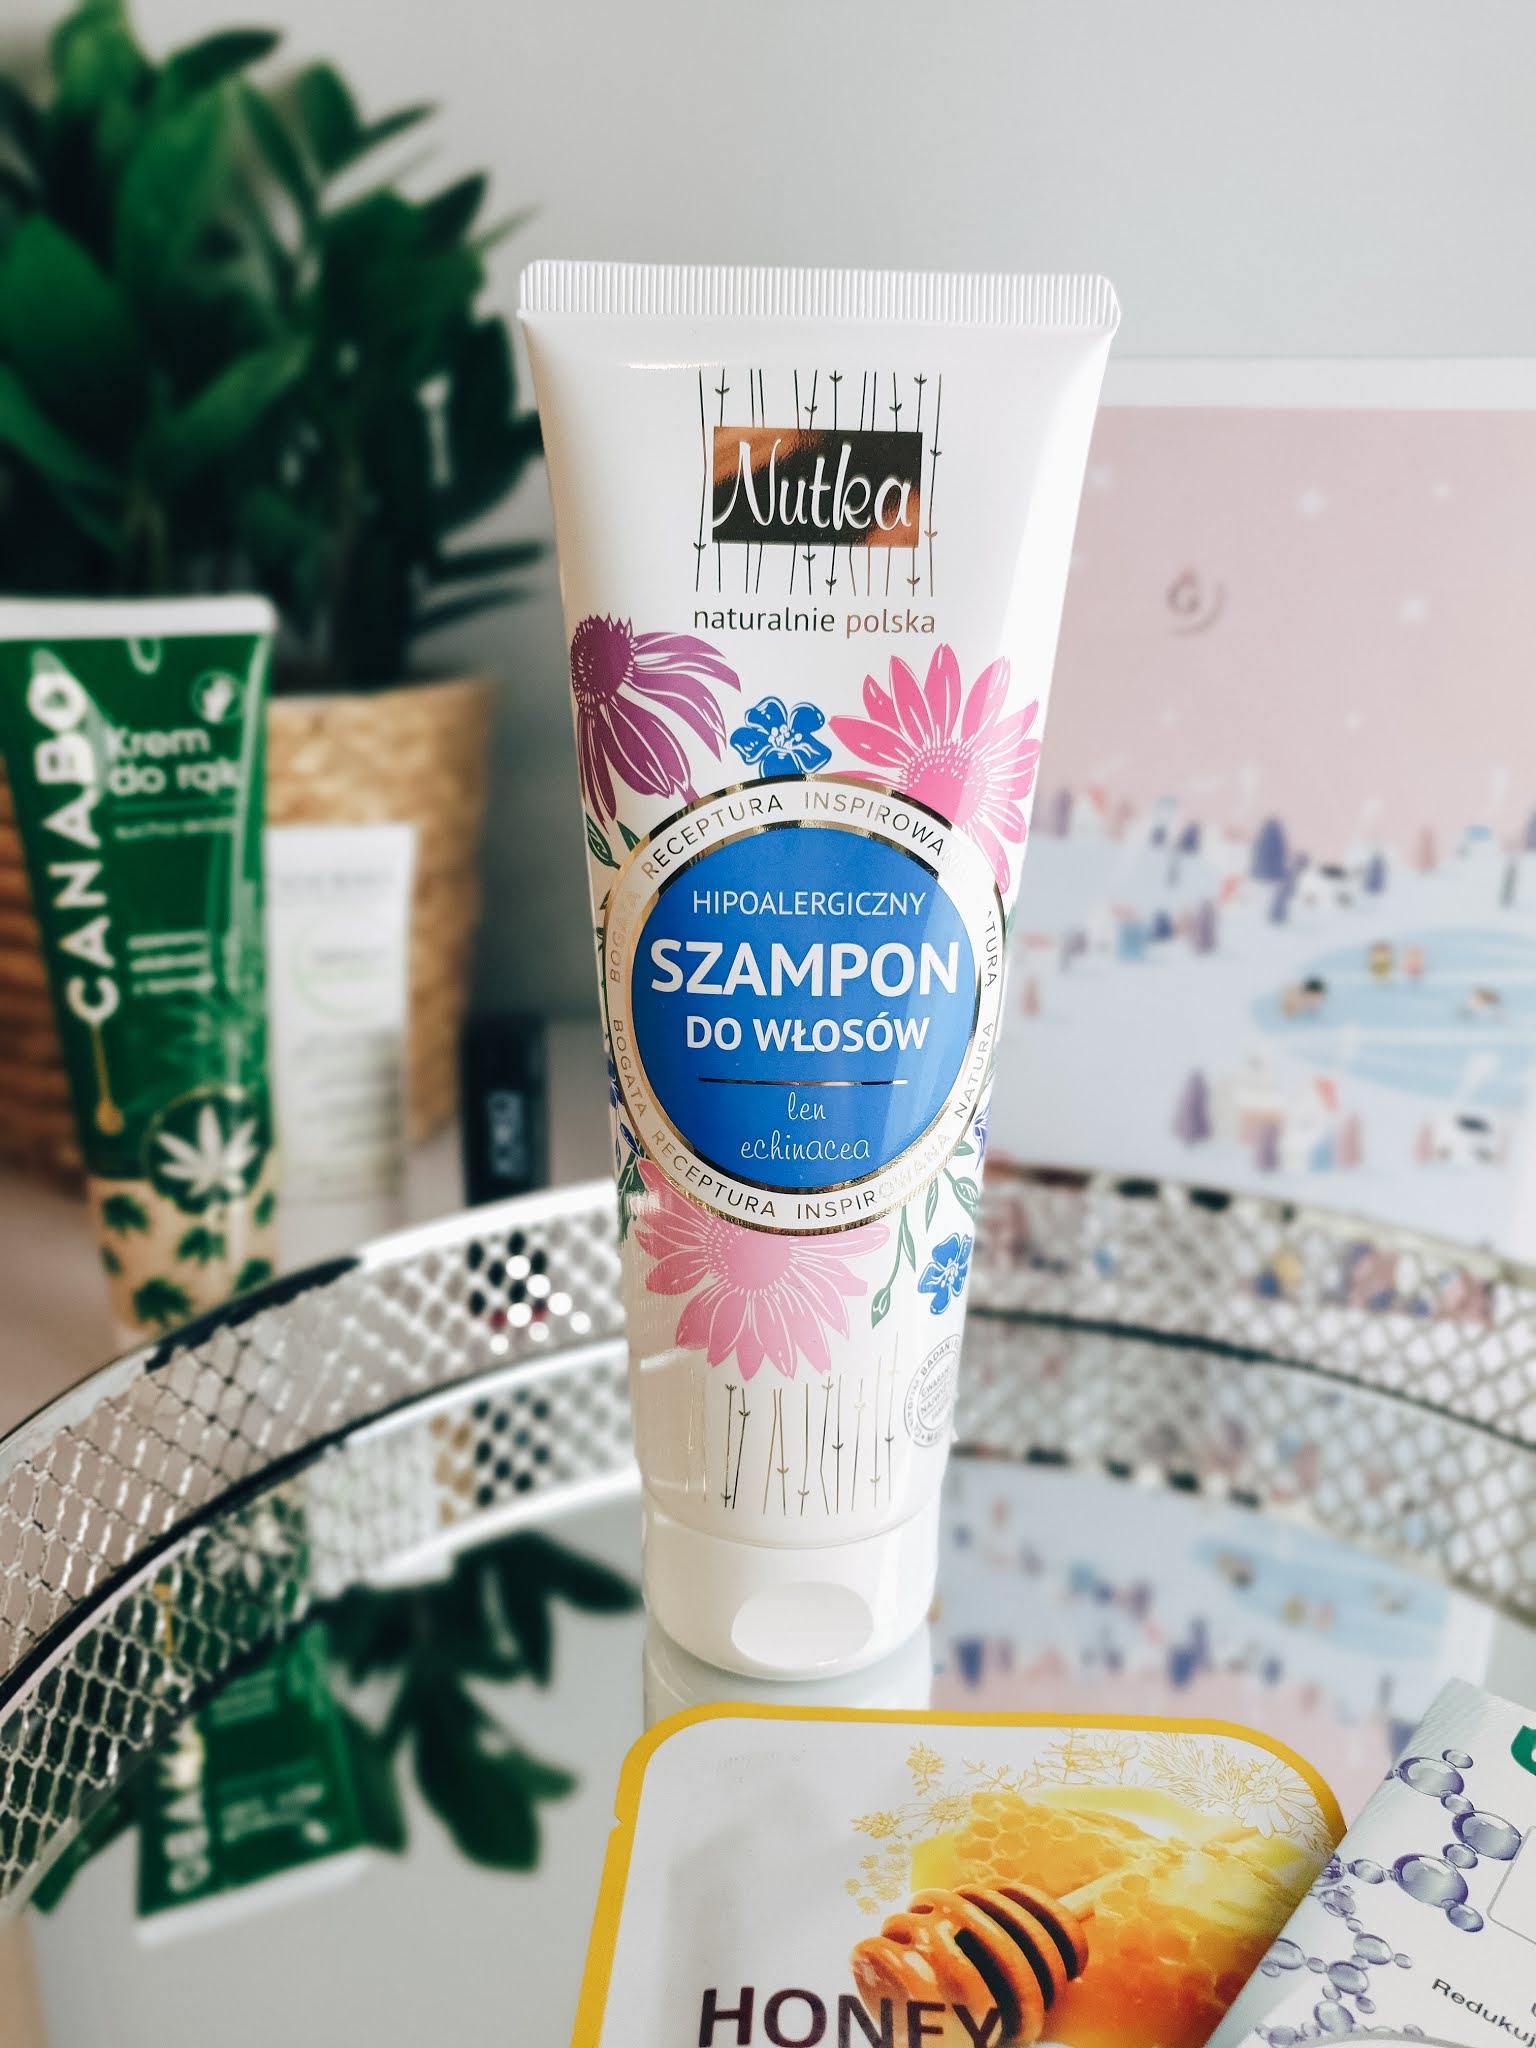 NUTKA - hipoalergiczny szampon do włosów